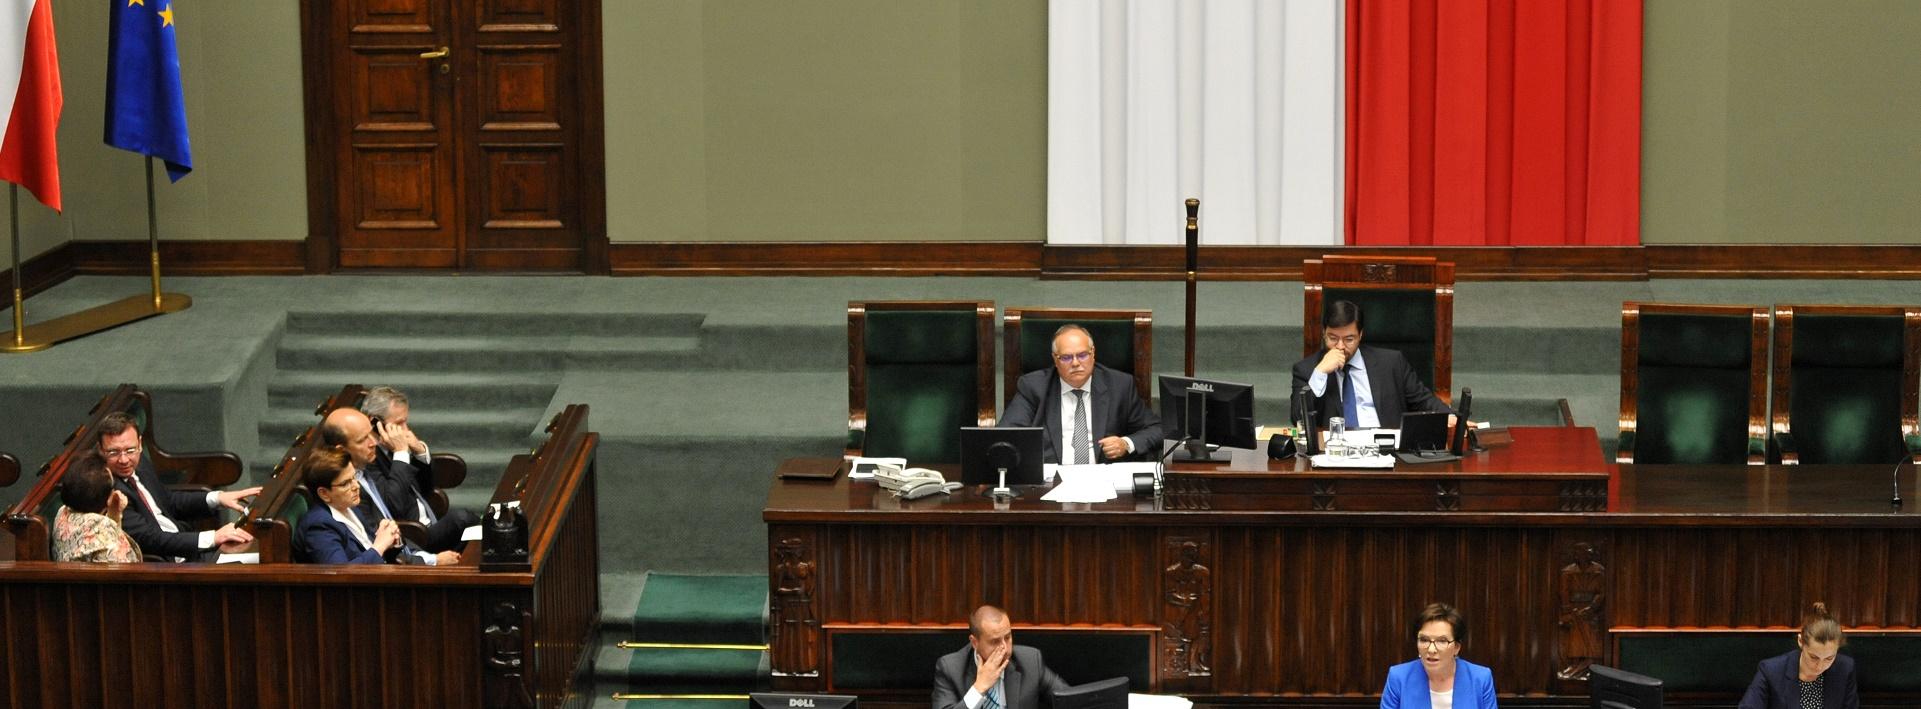 Zmiany w ordynacji wyborczej. Sejm uchwalił poprawki PiS